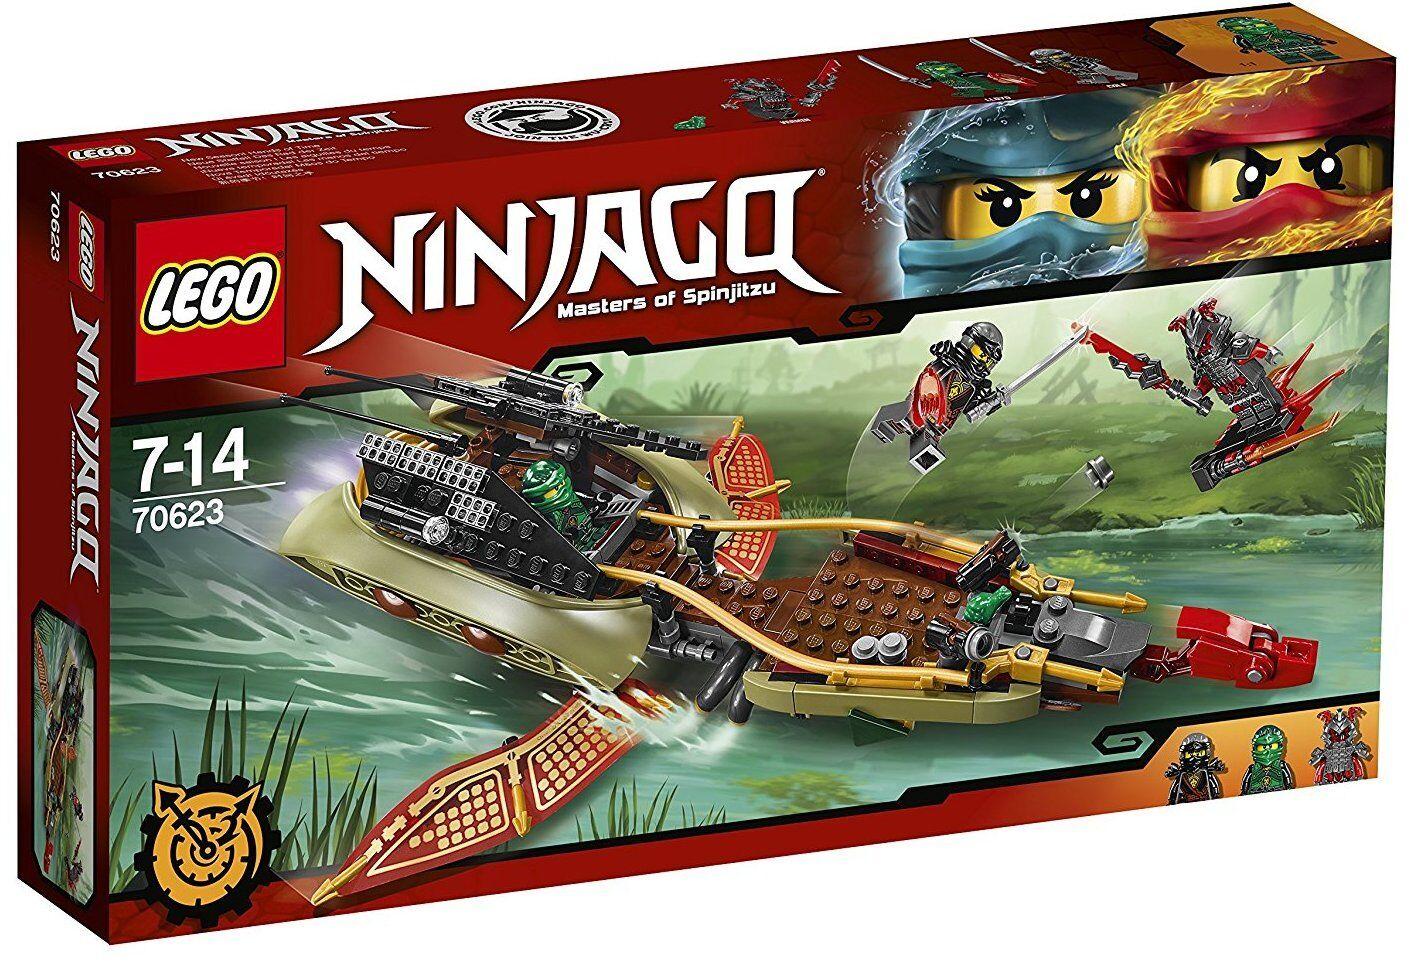 Sombra del Destino - LEGO NINJAGO 70623 - NUEVO